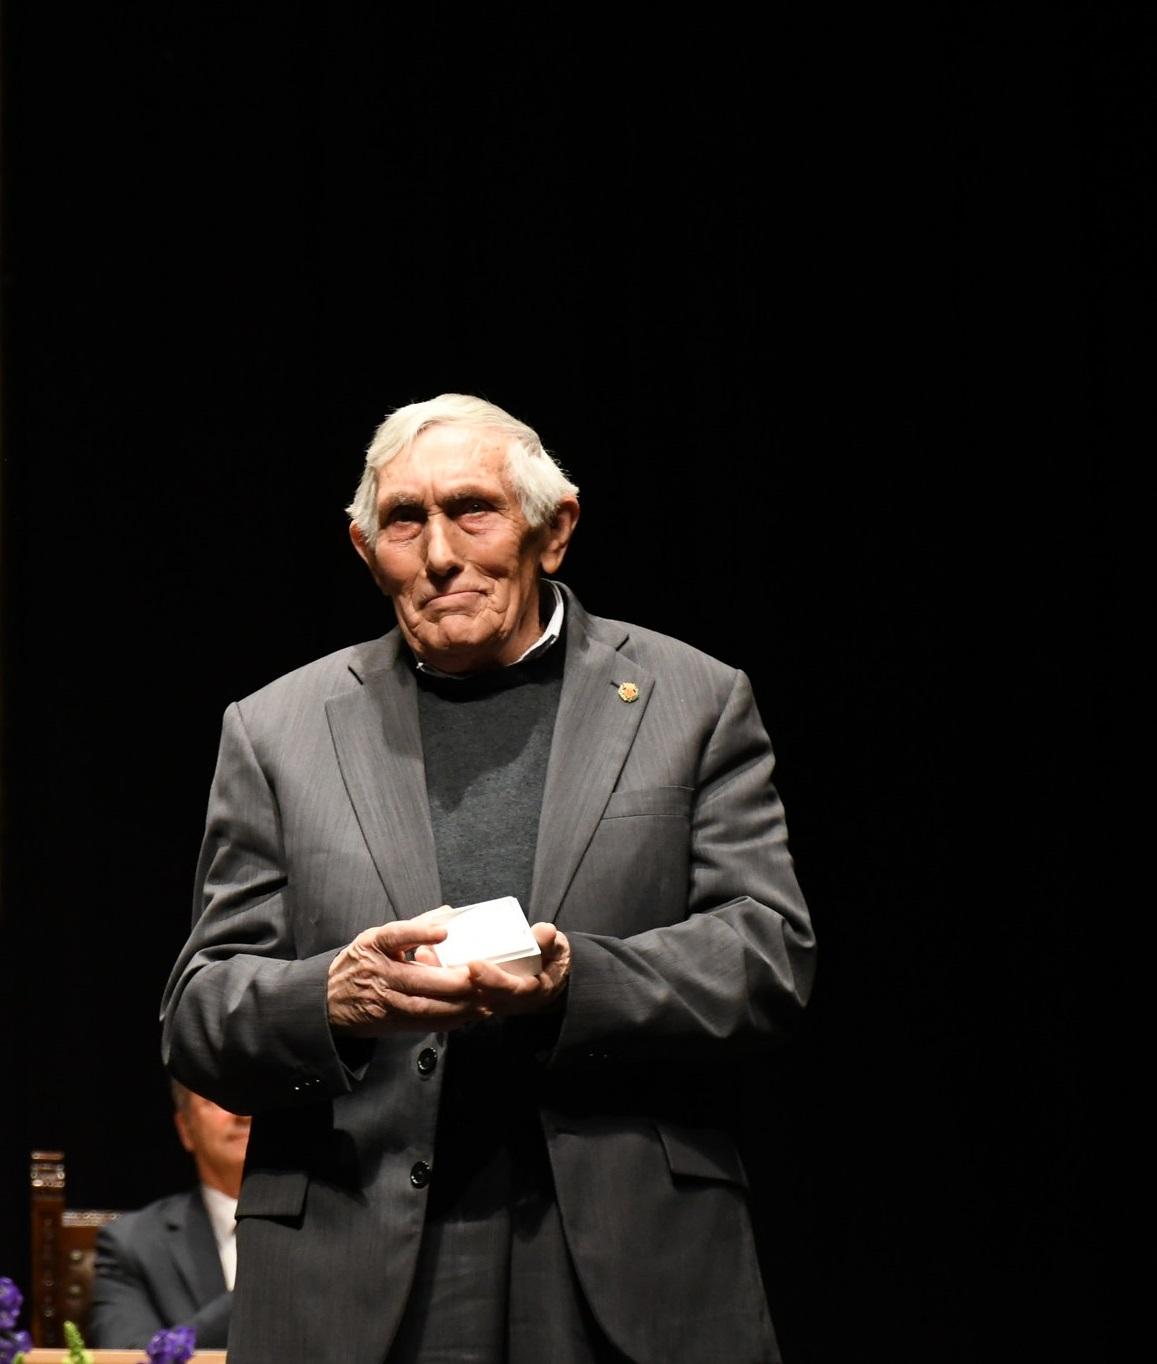 Vila-real lamenta la defunción de Leandre Adsuara, premio 20 de Febrer 2019.